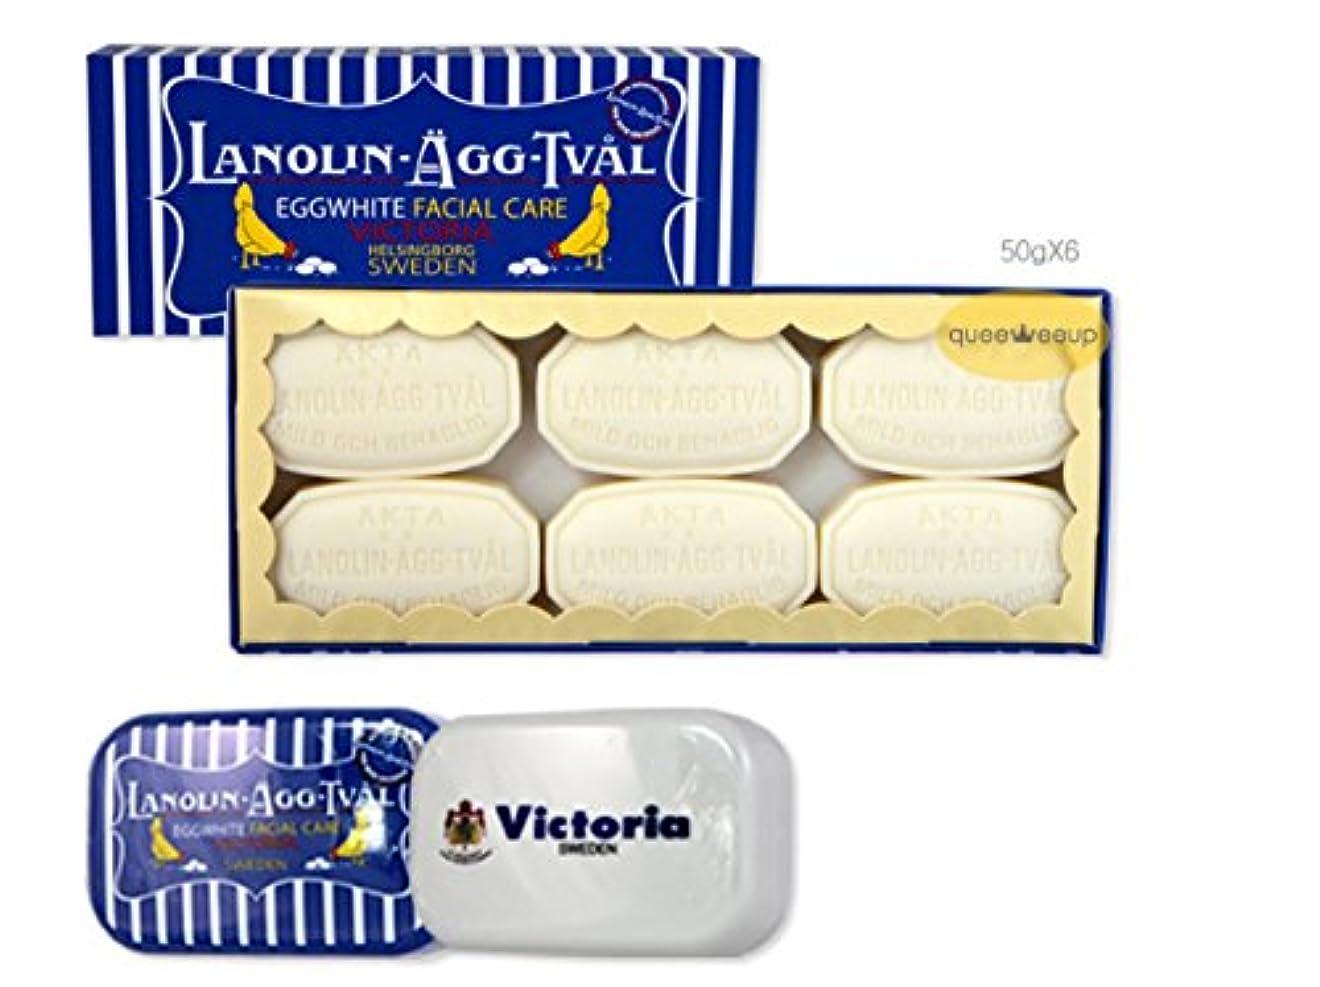 異形ずっと獲物Victoria (ヴィクトリア) ニュースウェーデンエッグパックソープ 50g×6個 + ケース NEW Sweden Egg Pack